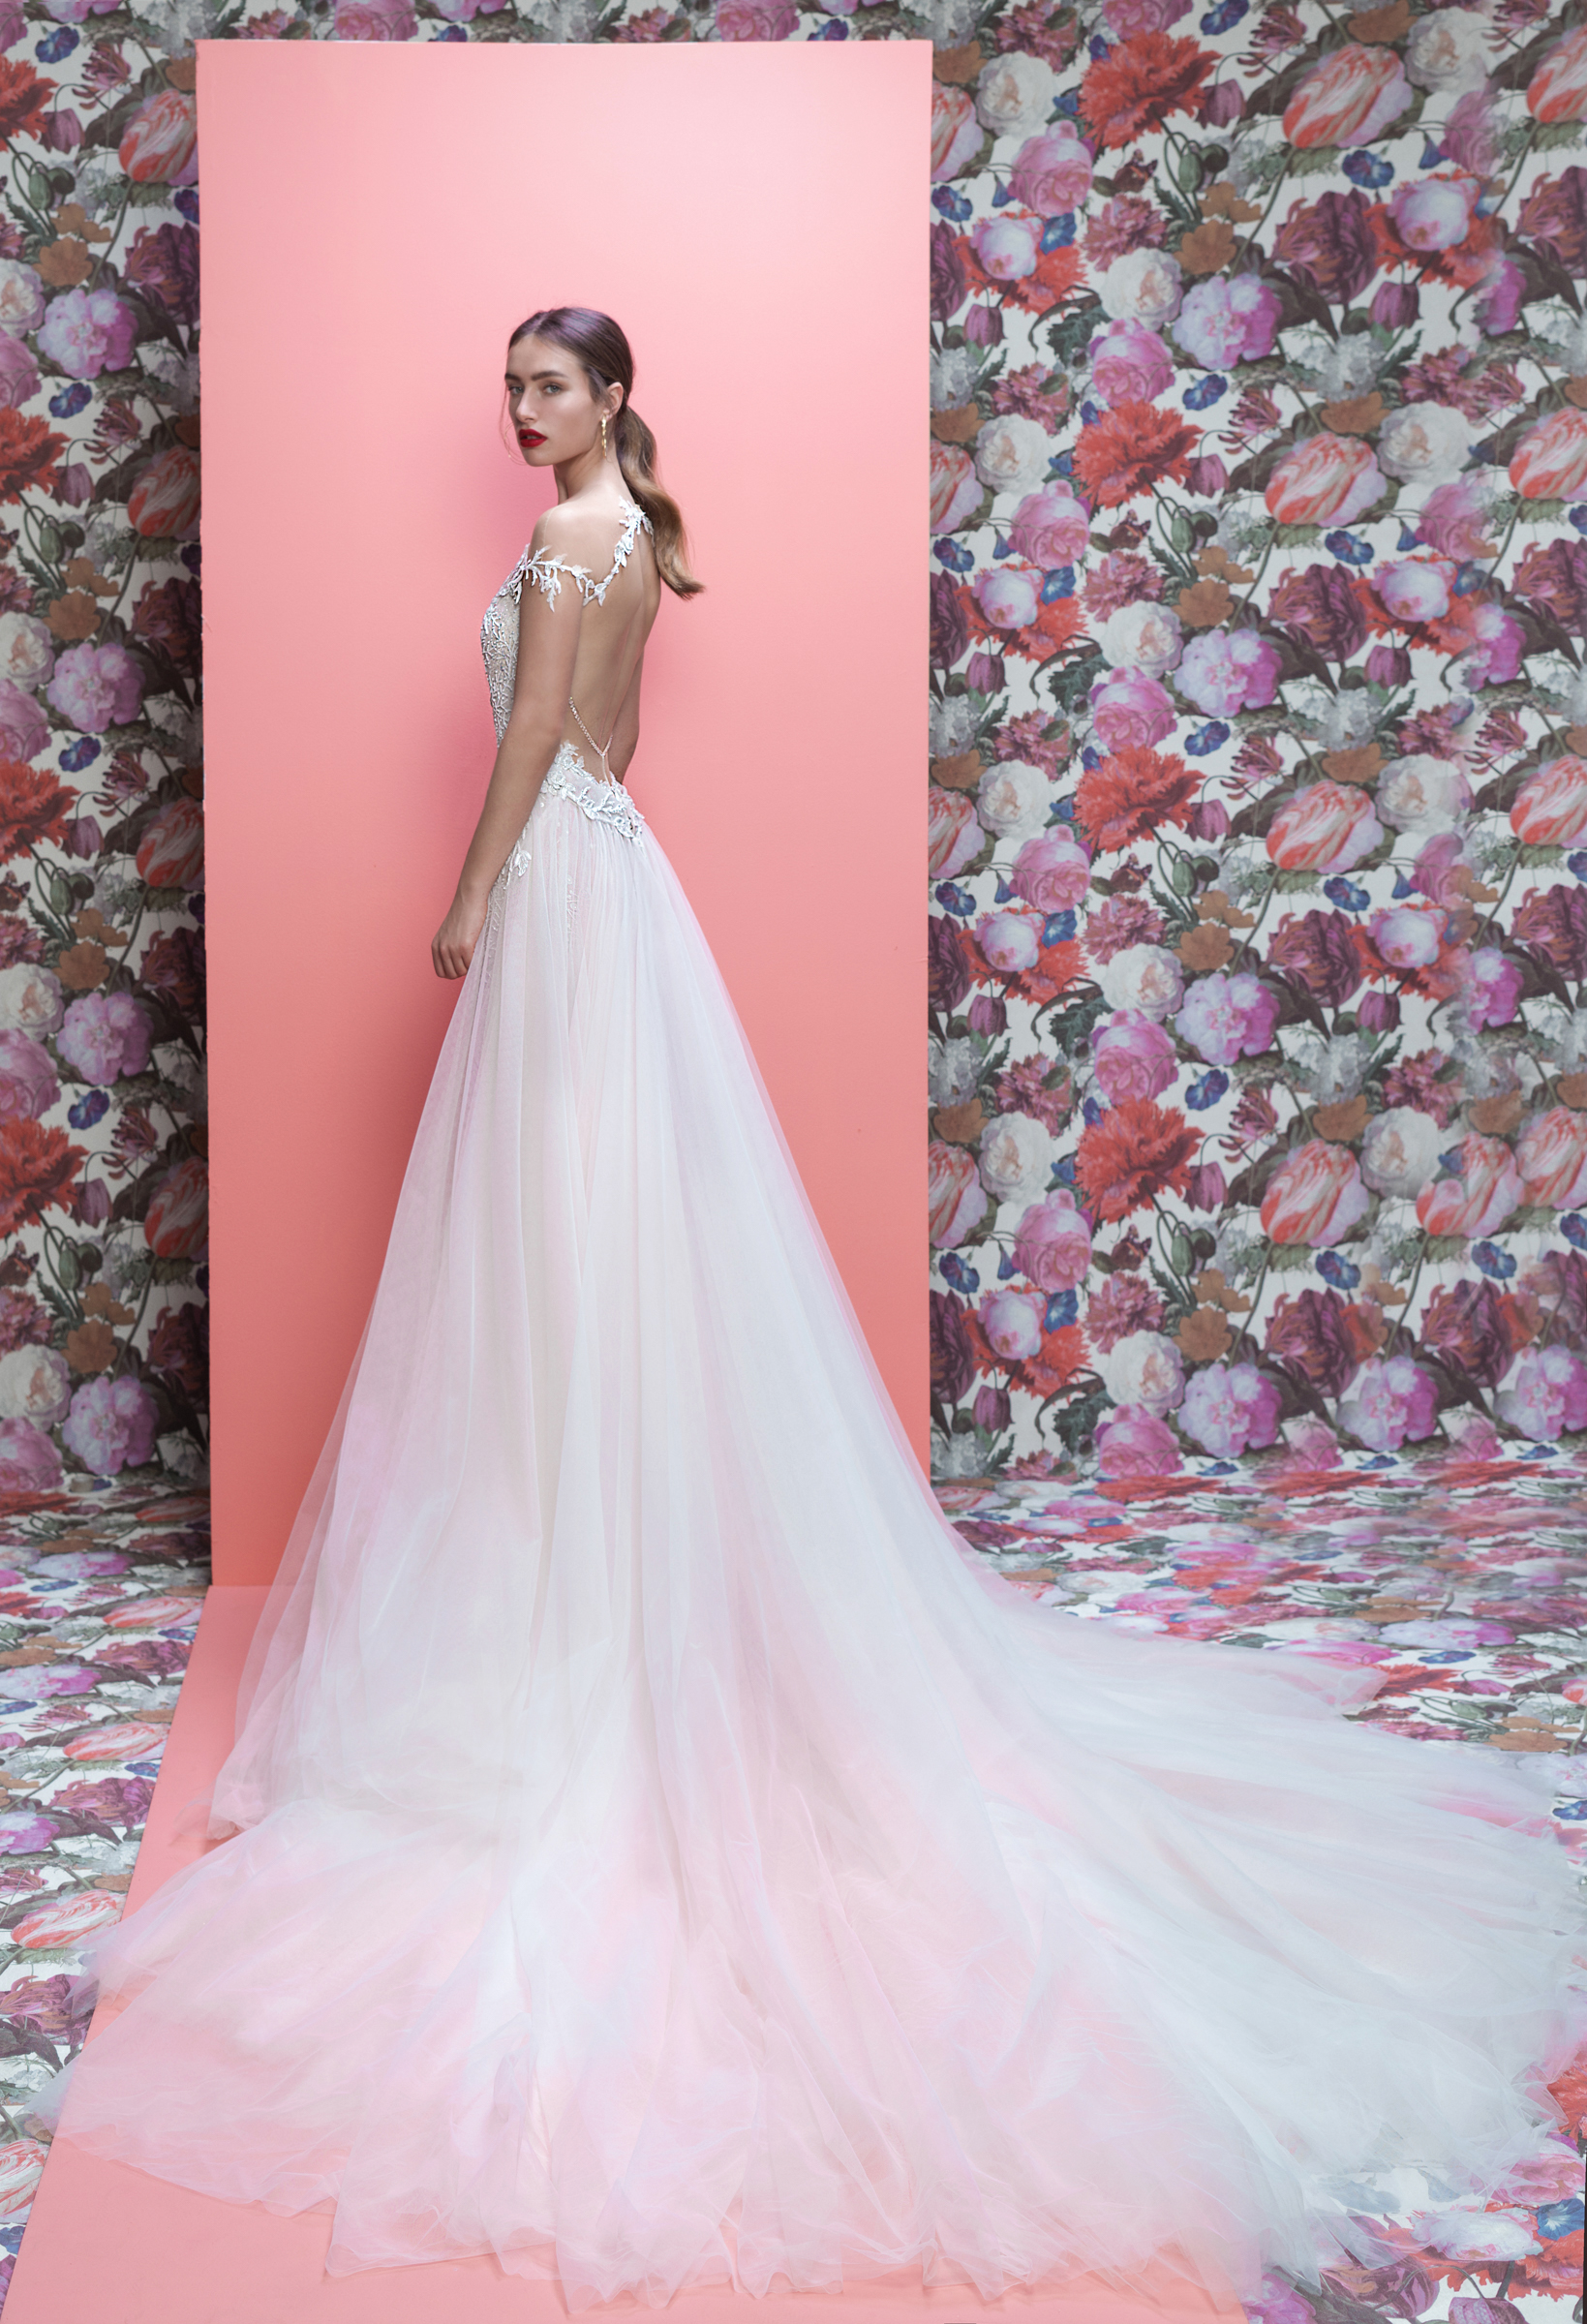 Galia Lahav wedding dress spring 2019 off-the-shoulder a-line